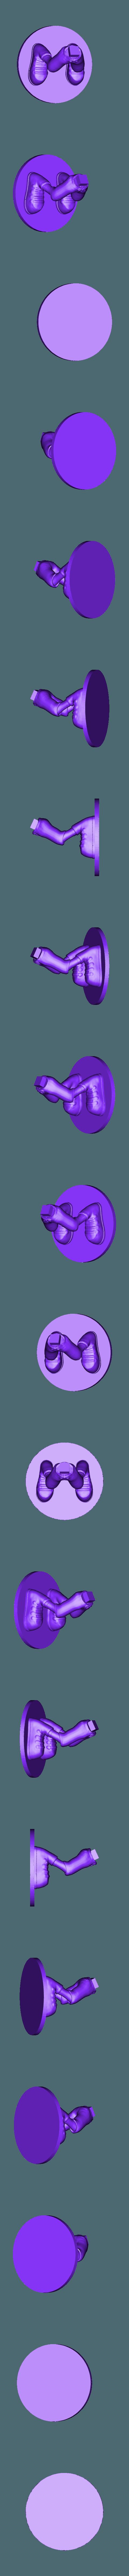 legs2.stl Télécharger fichier STL gratuit Crash bandicoot • Design pour impression 3D, brayanrosas94